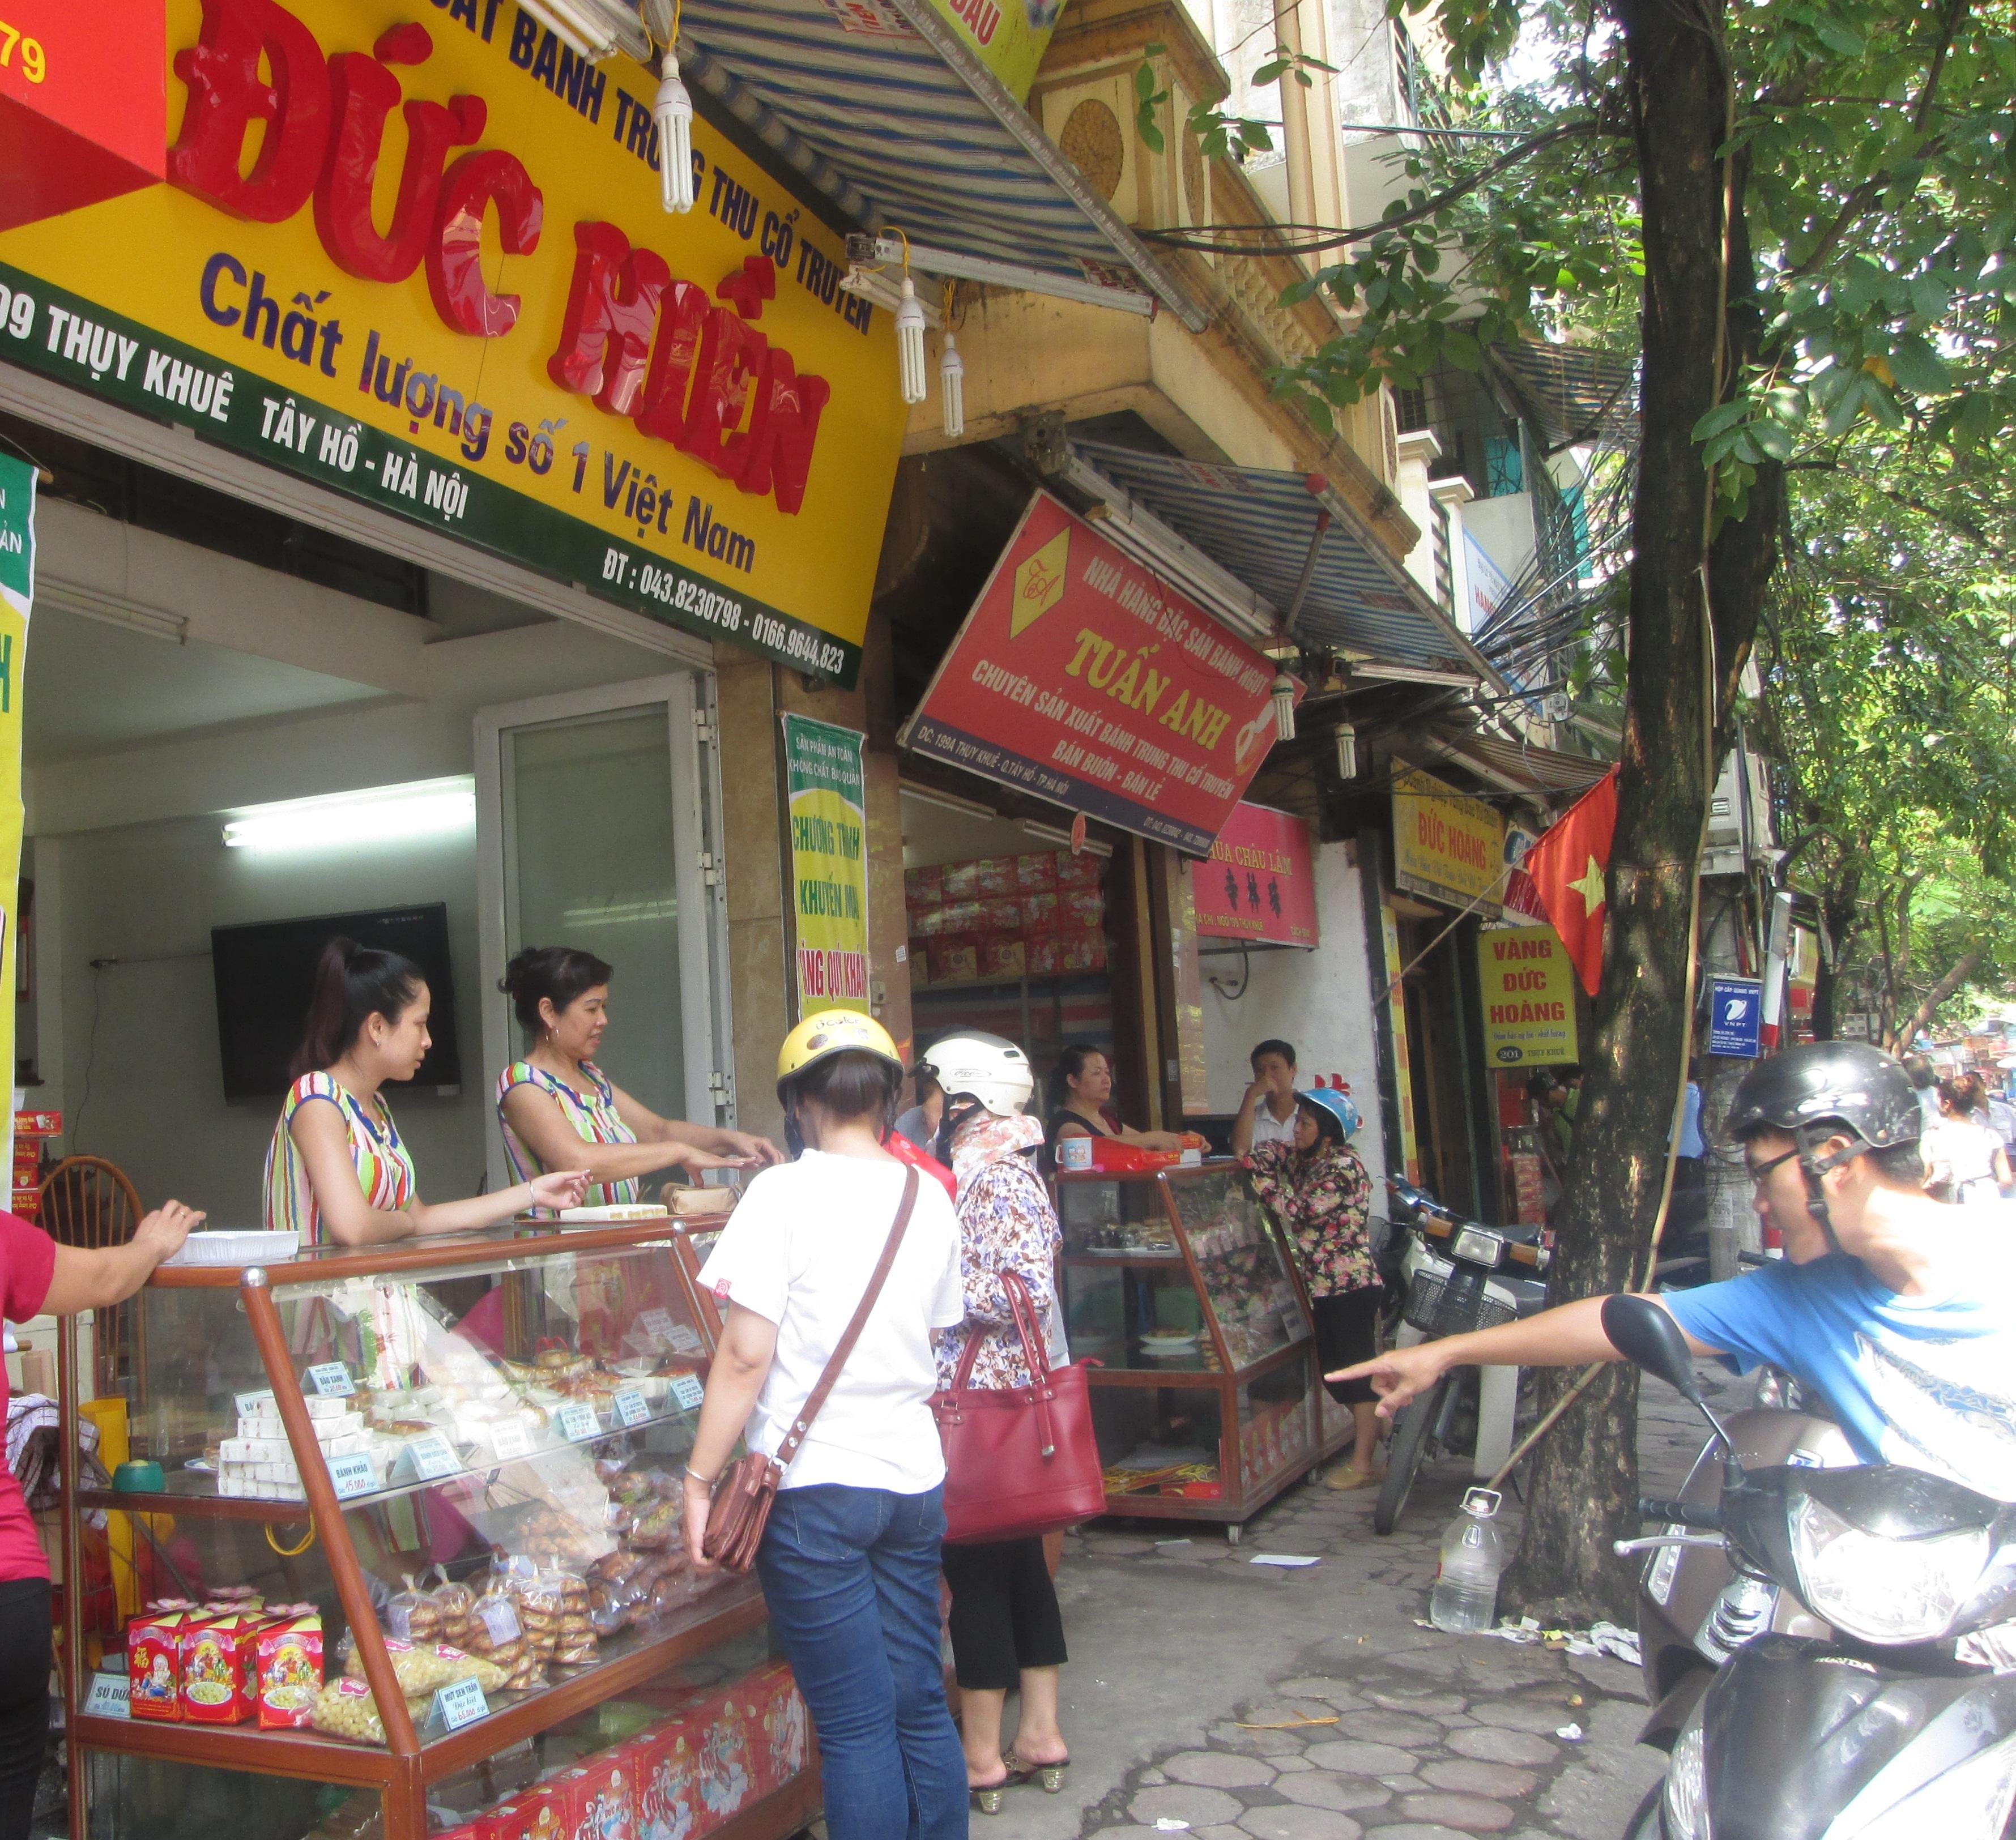 Chớm mùa bánh trung thu nhưng các cửa hàng bánh trung thu truyền thống trên phố Thụy Khuê đã tấp nập người mua bán. Bất chấp trời mưa hay trời nắng, lúc các cửa hàng này bán là đông ngịt người mua